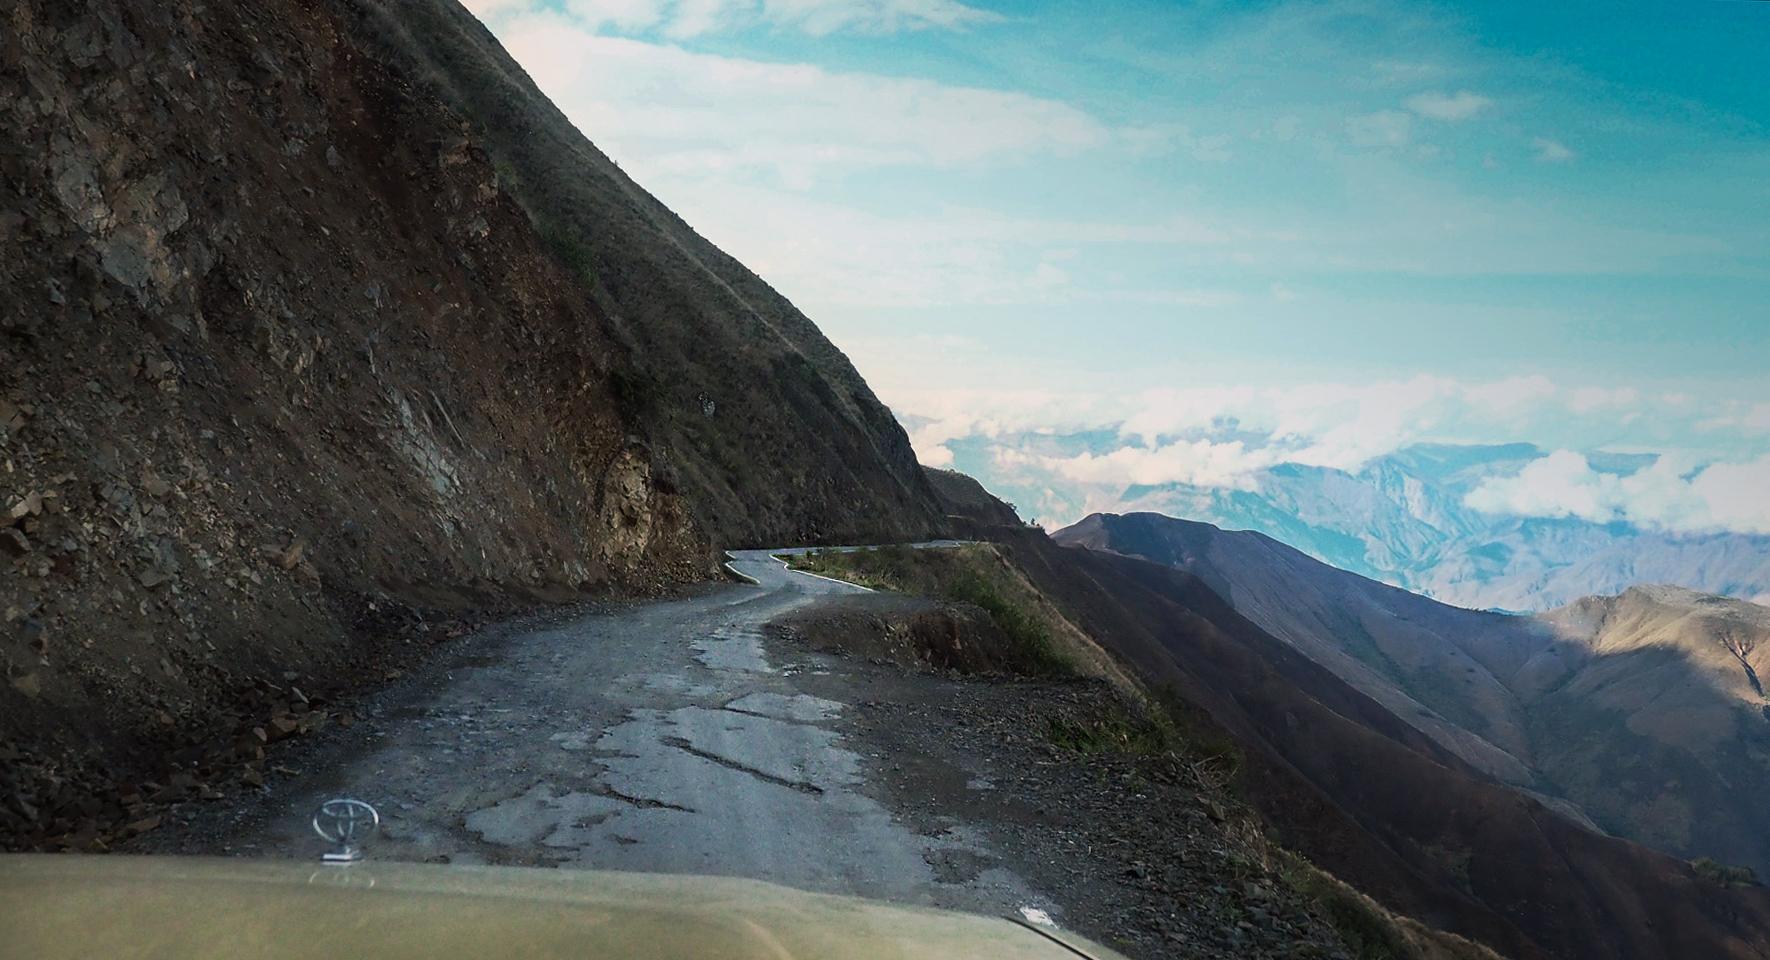 Auf abenteuerlichen Straßen zum Gebiet der Chachapoyas